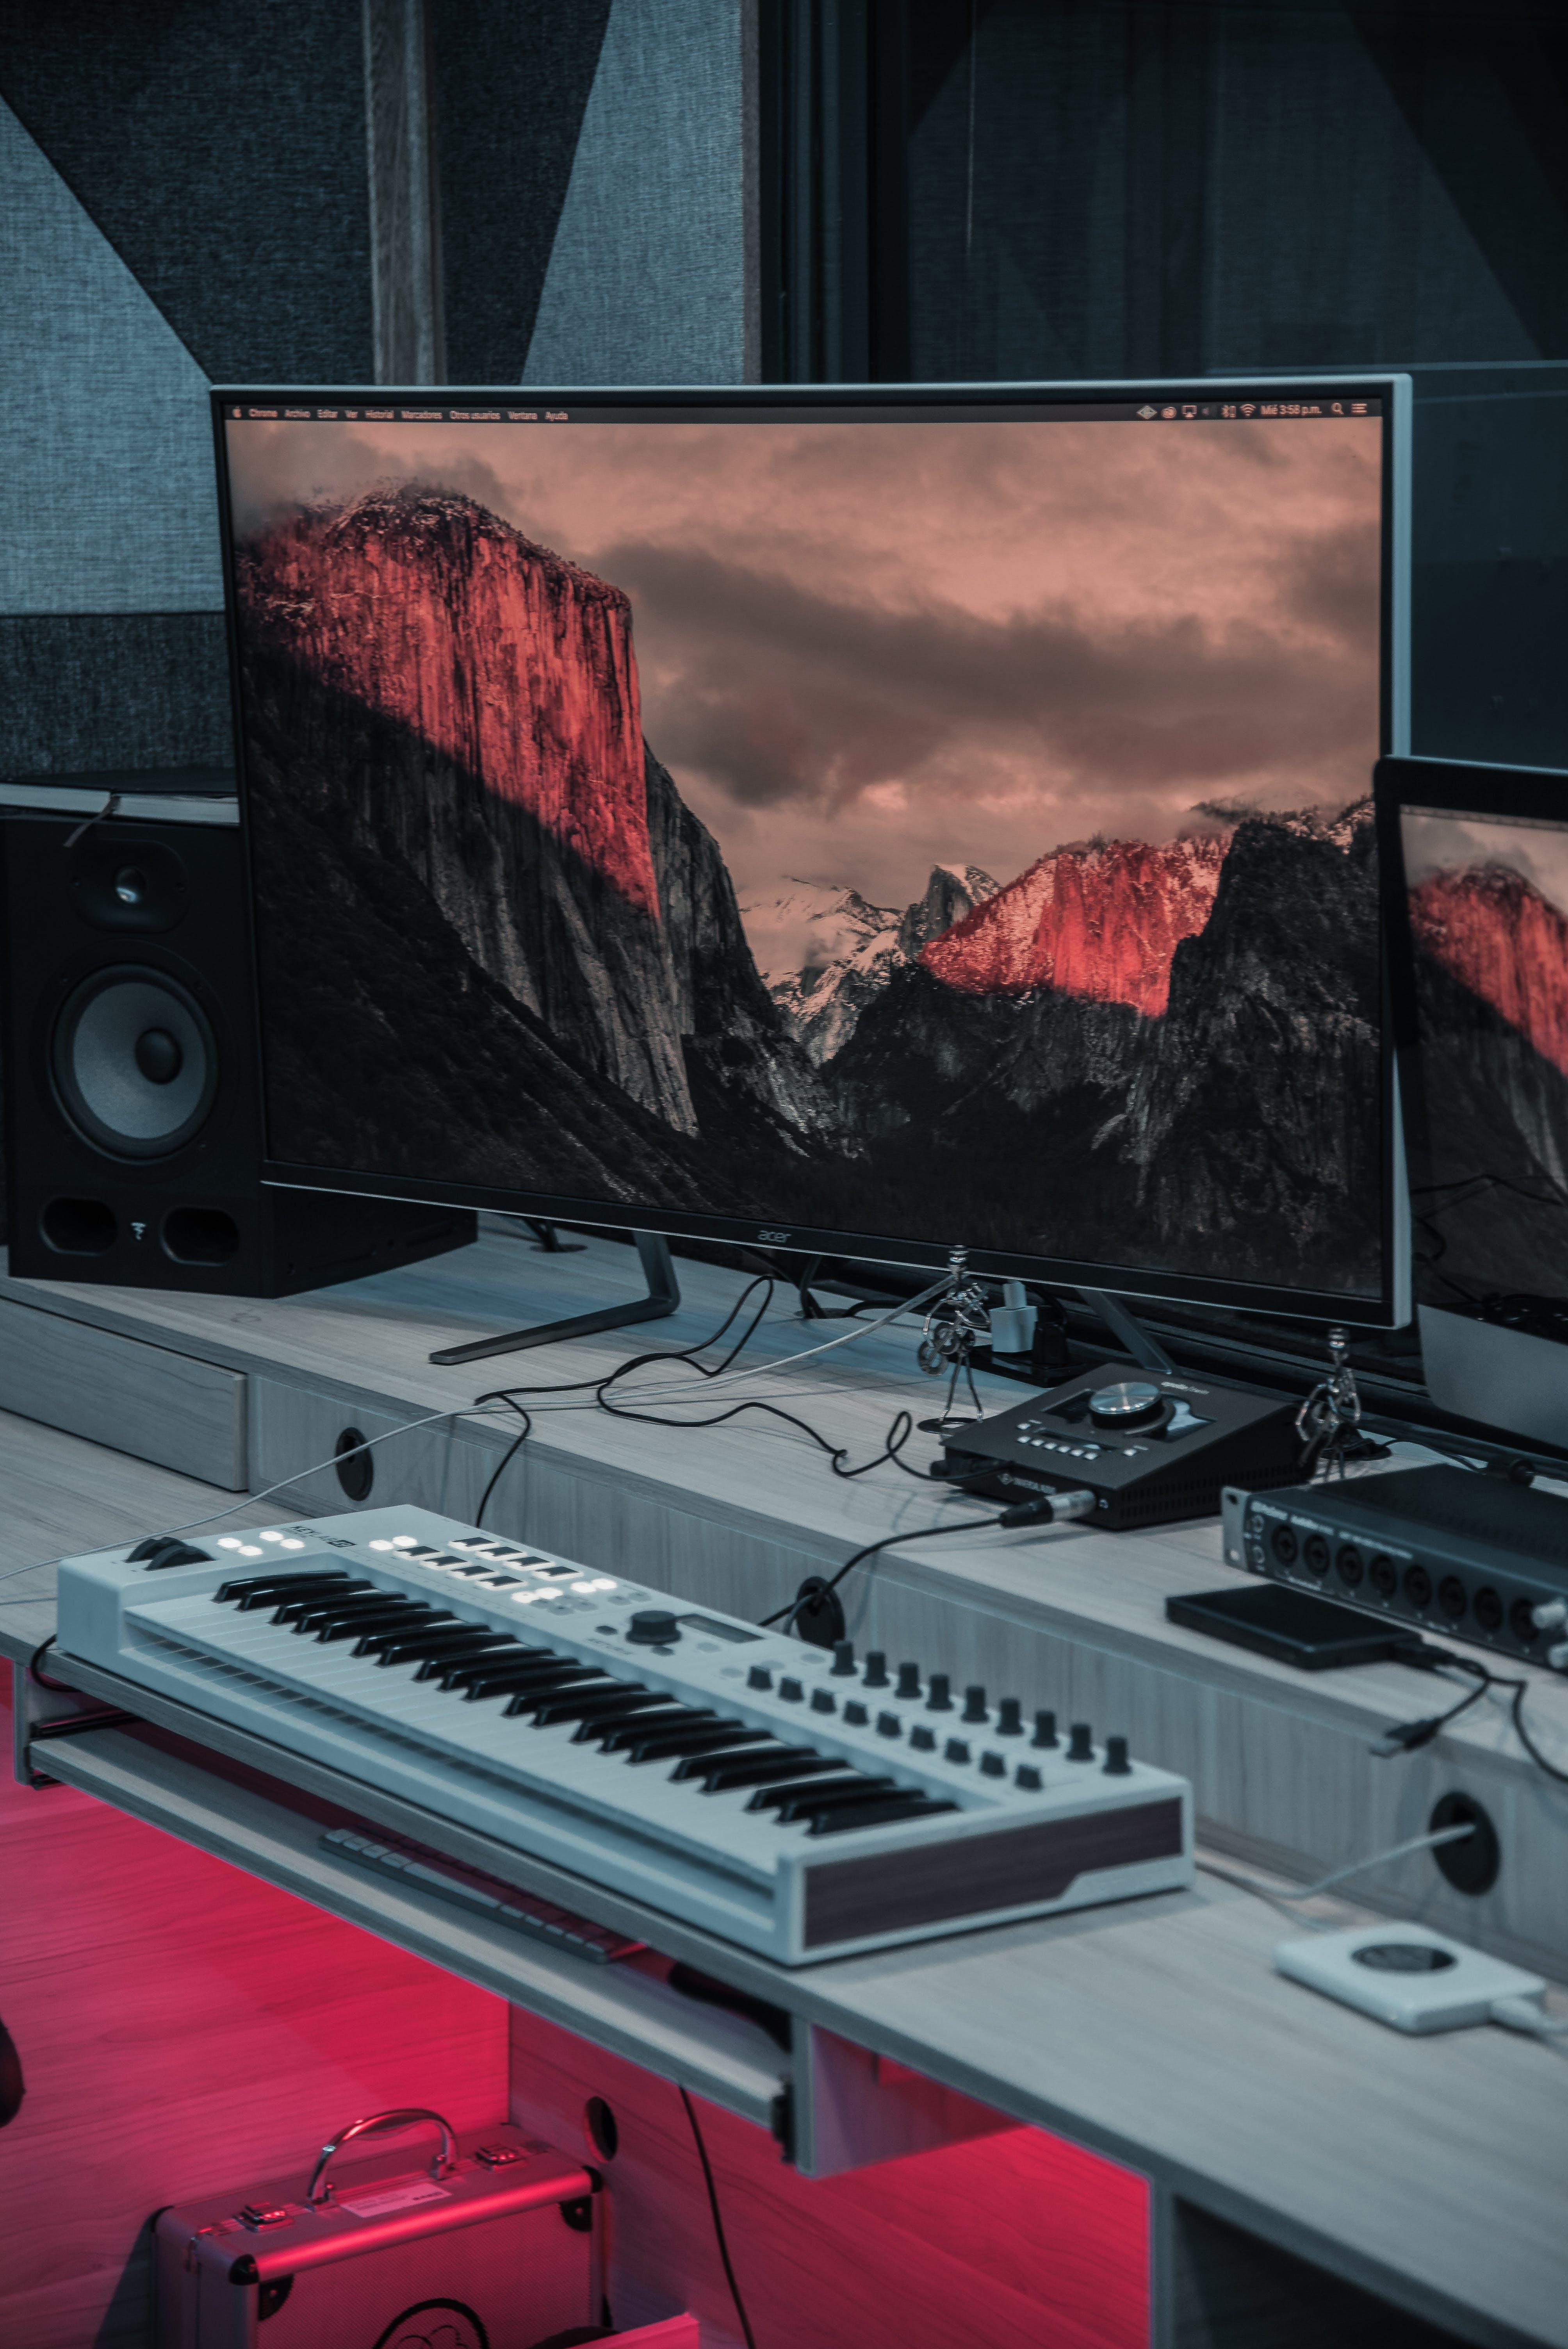 インドア, エレクトロニクス, オーディオミキサー, サウンドスタジオの無料の写真素材